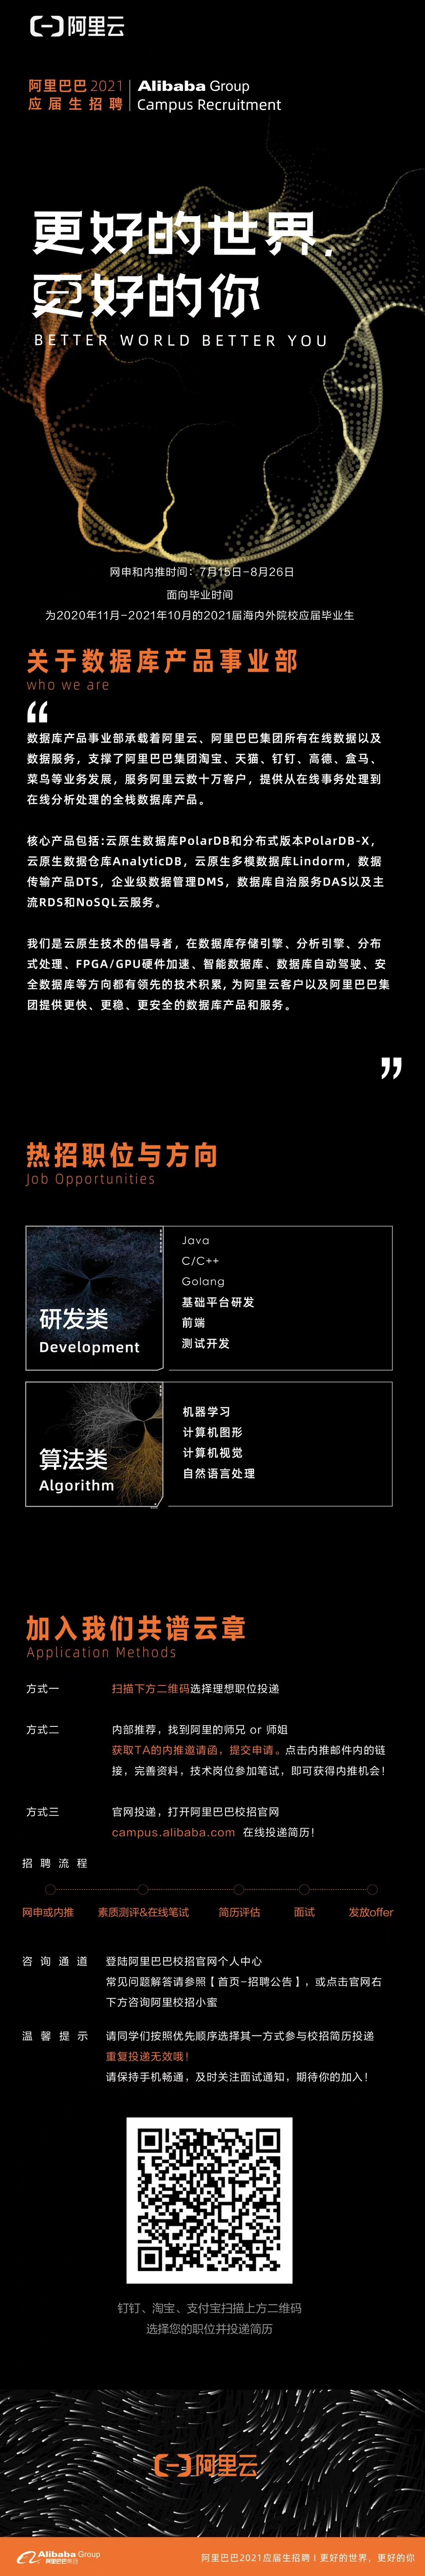 数据产品事业部.jpg